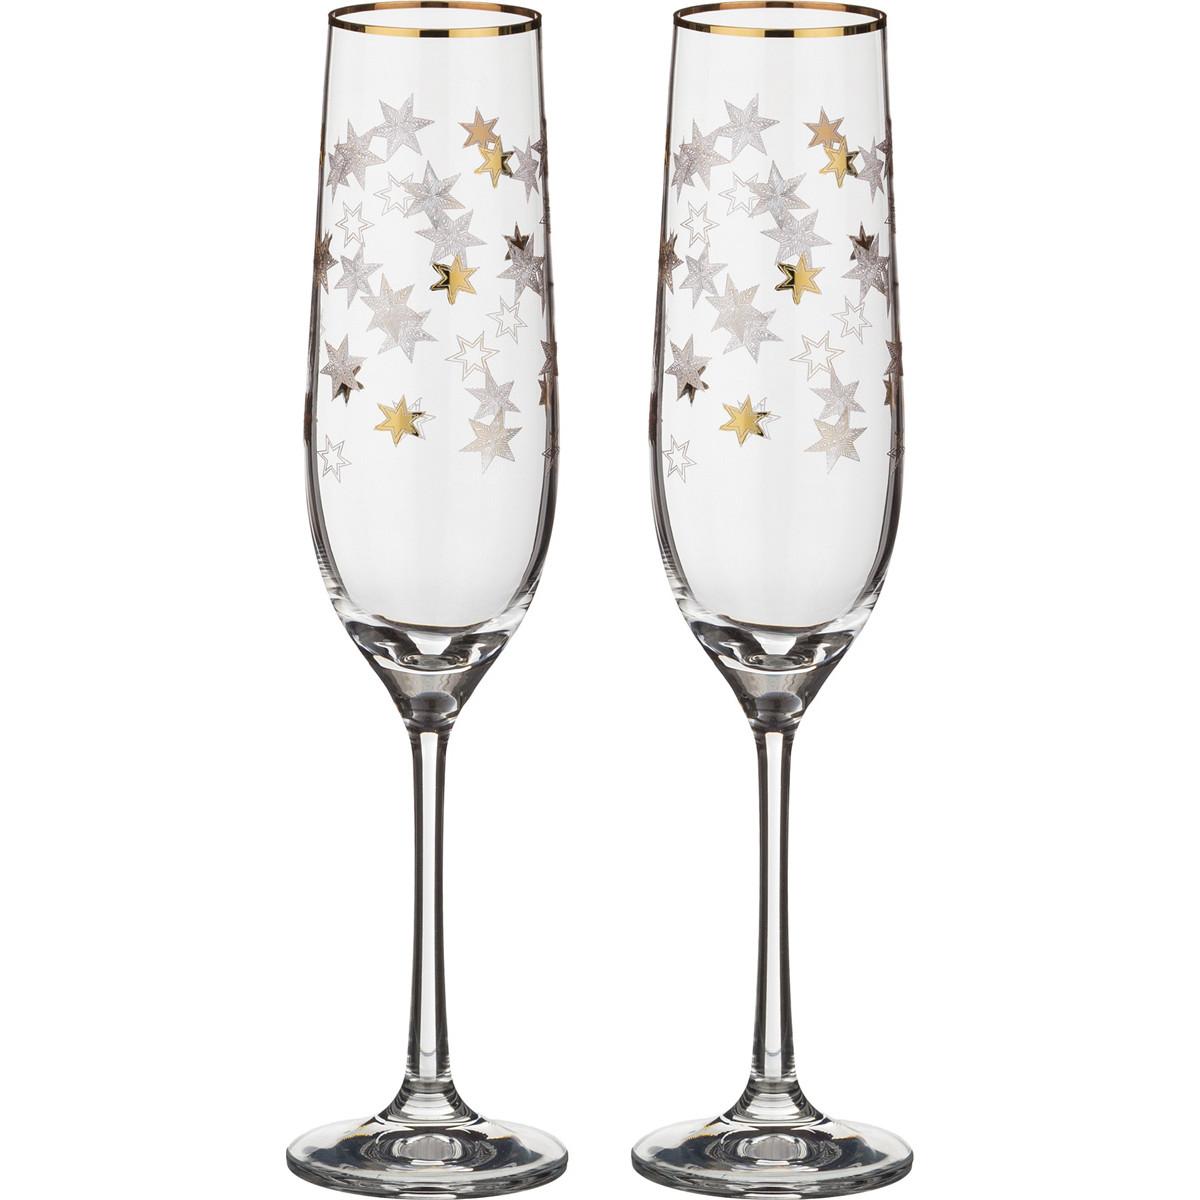 {} Bohemia Crystal Набор бокалов для шампанского Pneuma (24 см - 2 шт) bohemia crystal набор бокалов для шампанского felina 25 см 2 шт